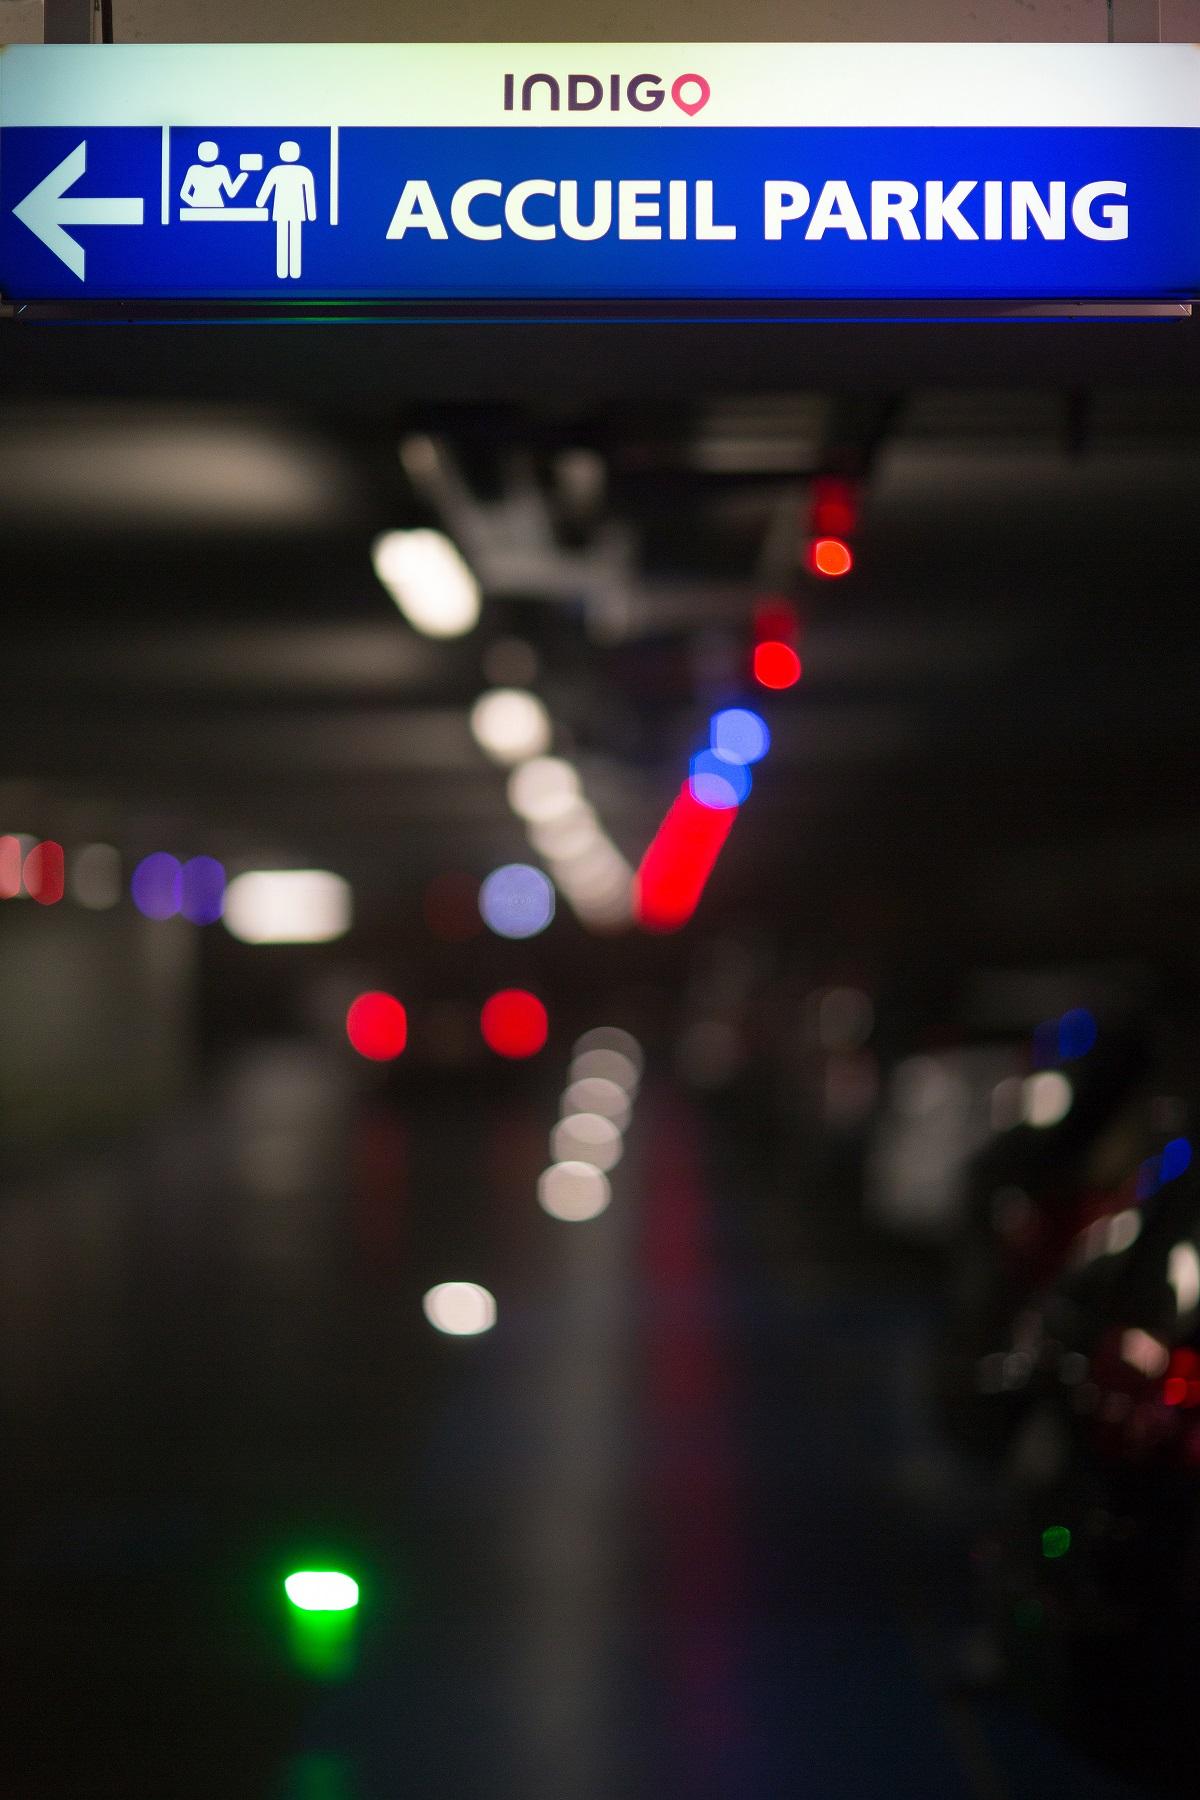 Parking Indigo Puteaux Centre Commercial Westfield les 4 Temps P1 - P2